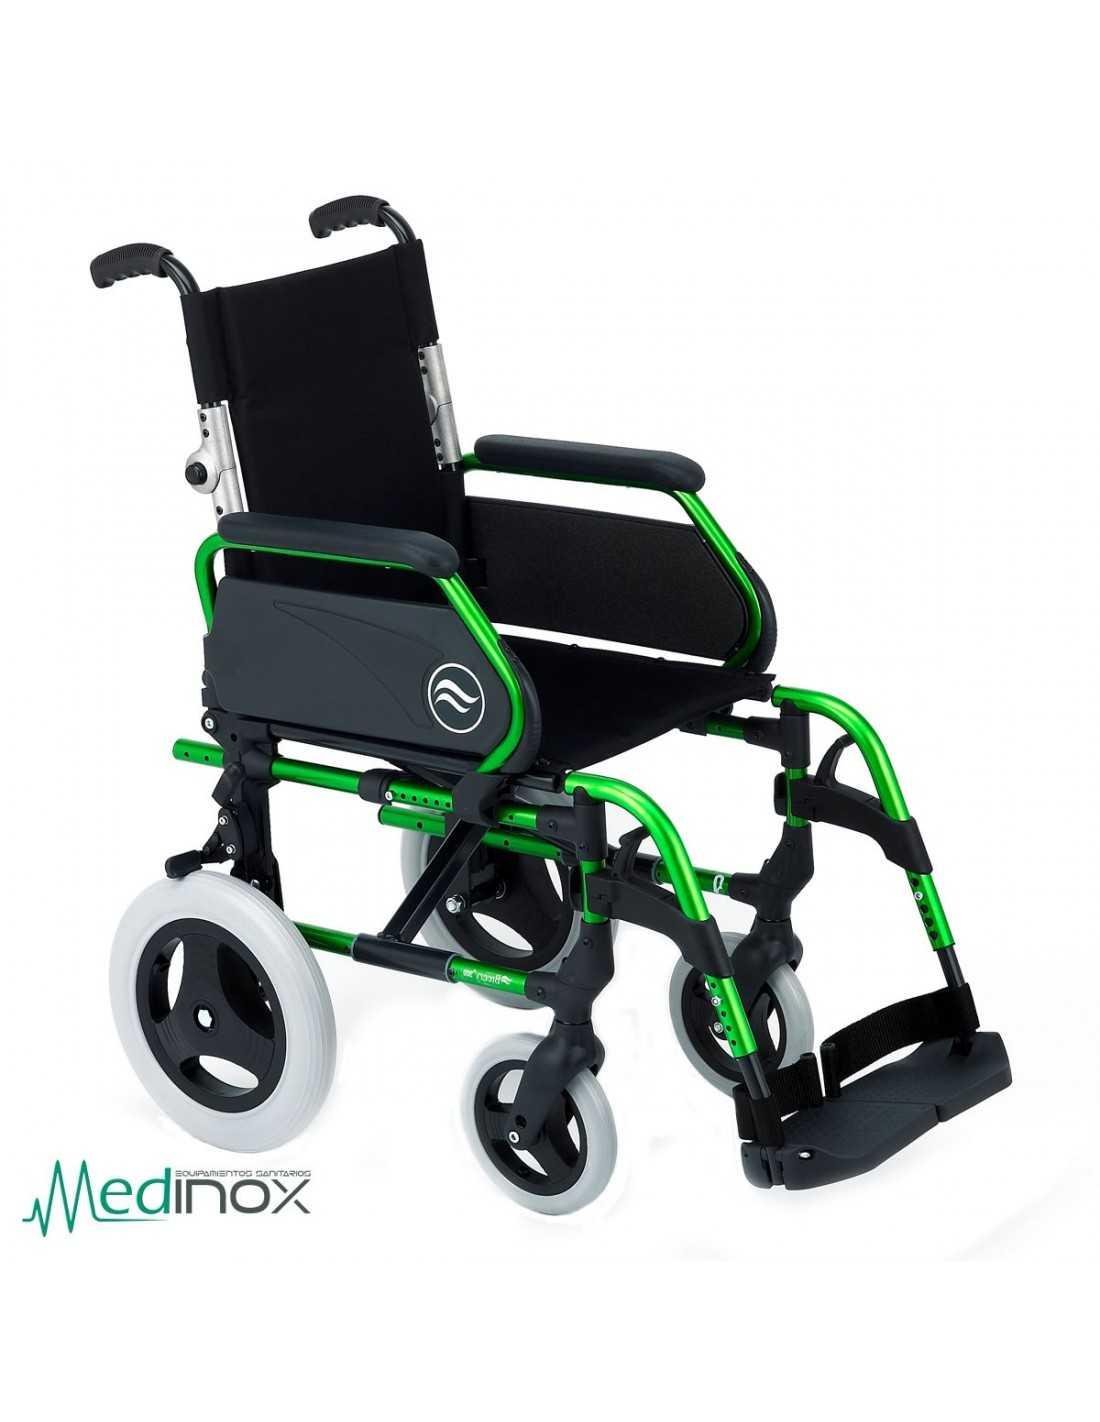 Sillas de ruedas plegables sub300 resistentes robustas y for Compra de sillas plegables